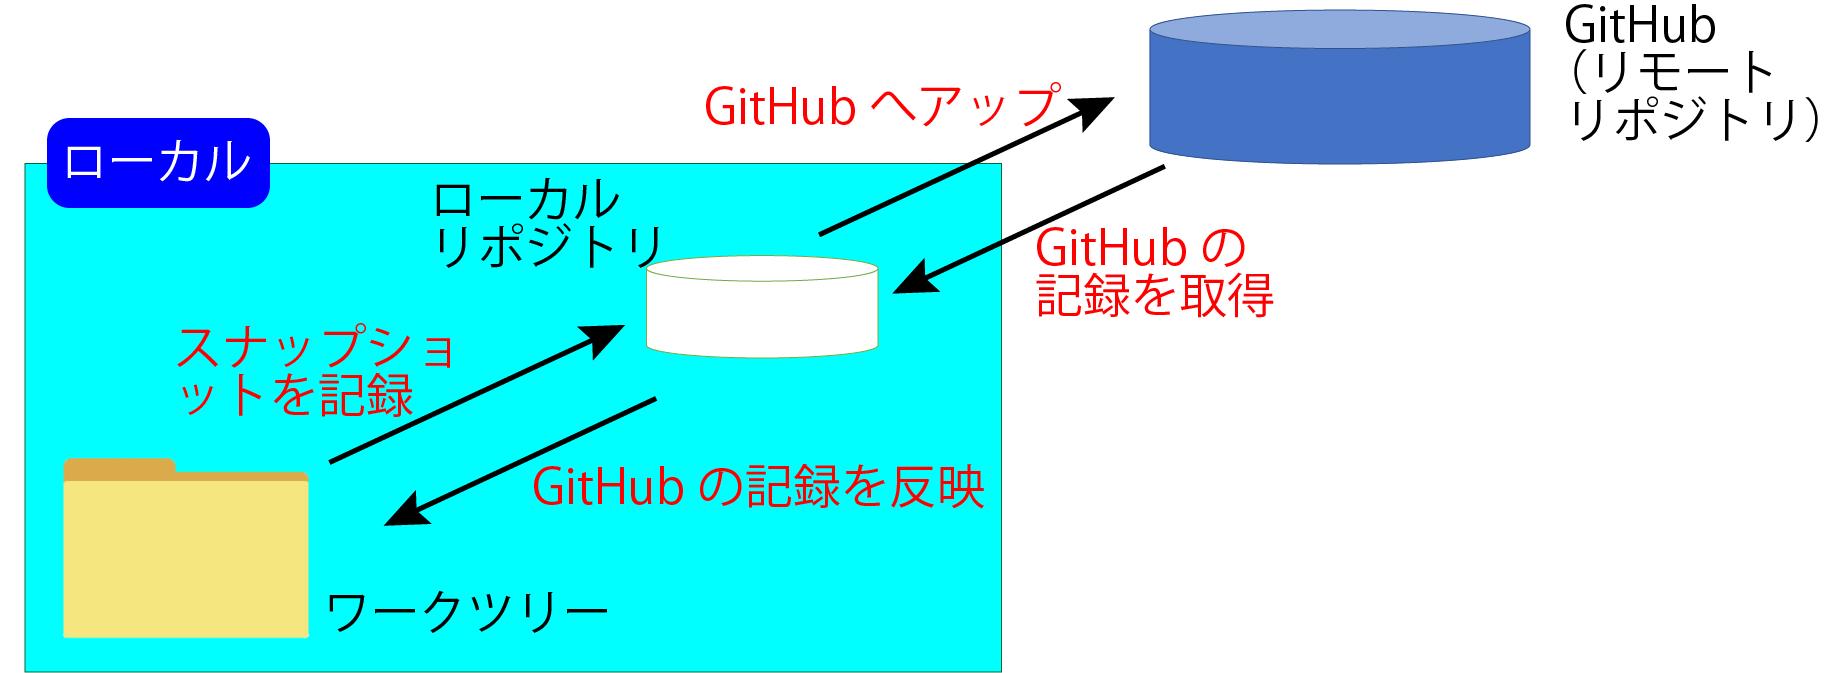 ローカルでスナップショットを記録→GitHubへアップ